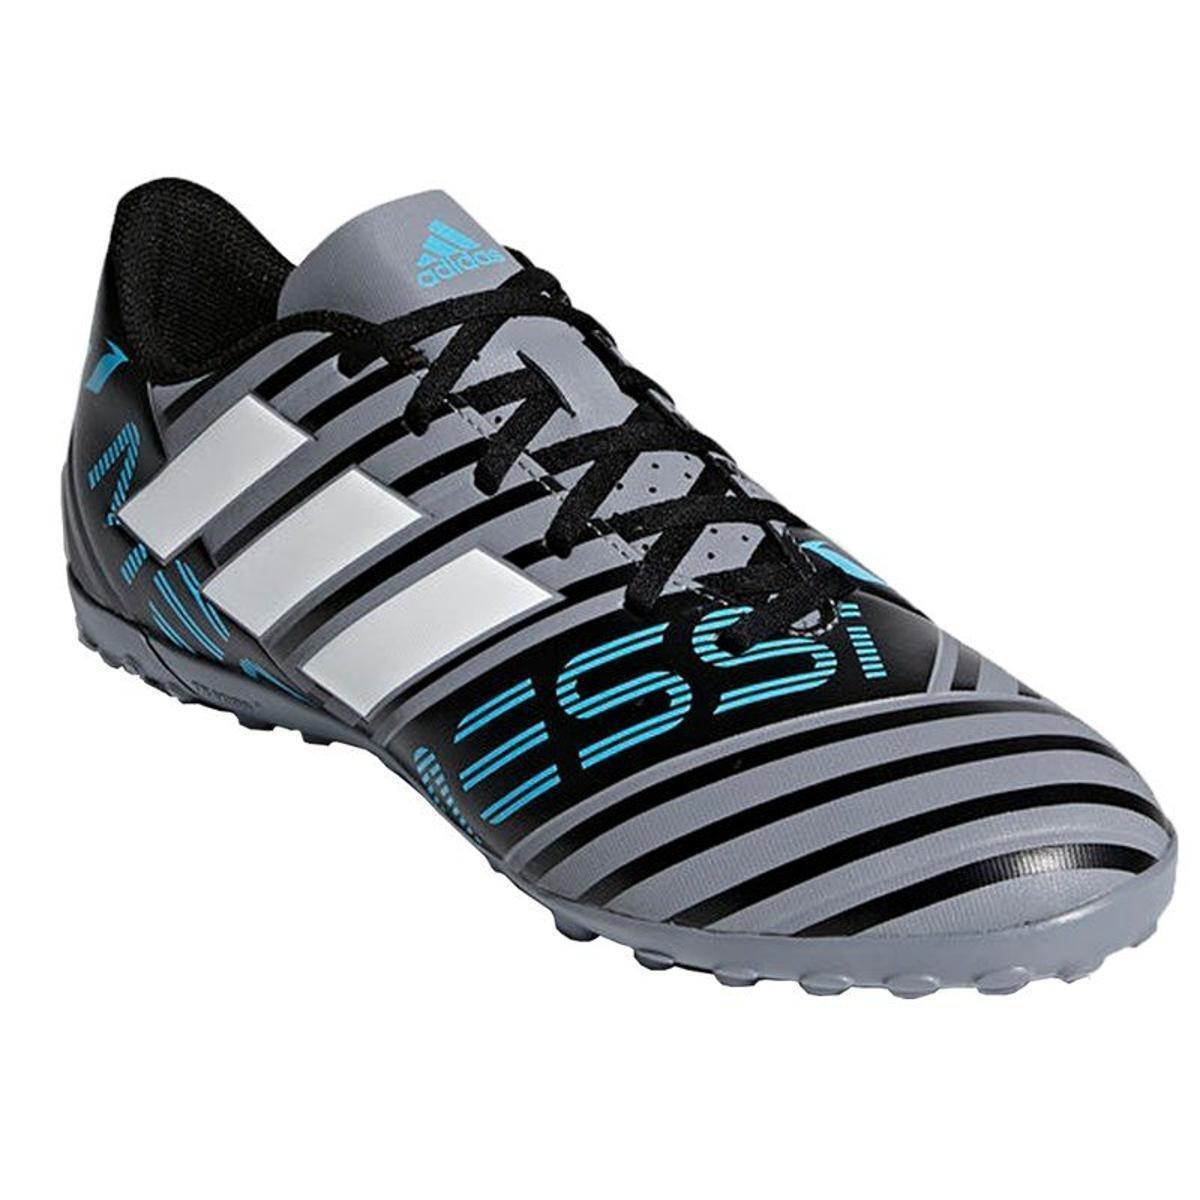 4a2e2f3b372 Chuteira Society Adidas Nemeziz Messi 17.4 TF - Compre Agora ...